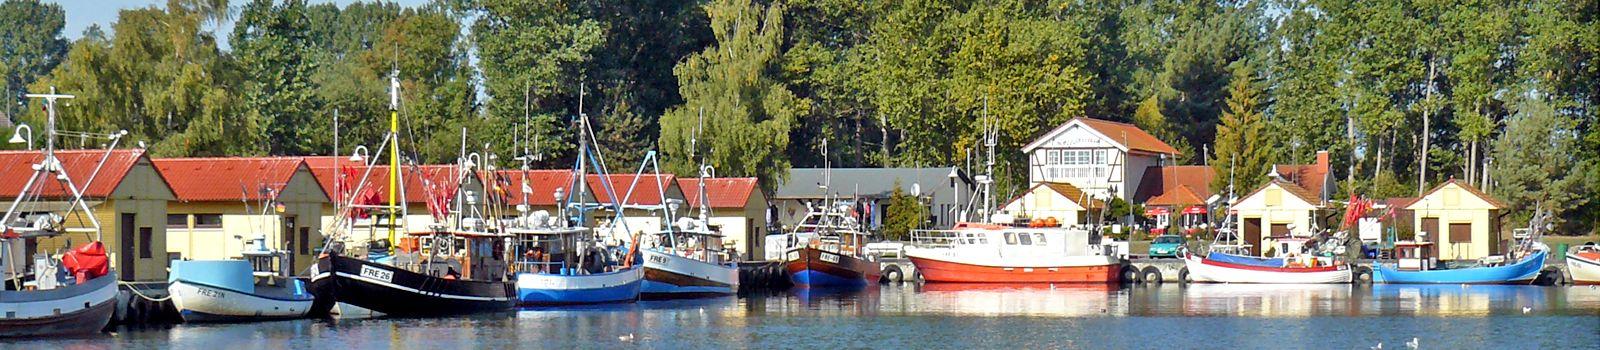 Fischereihafen in Freest